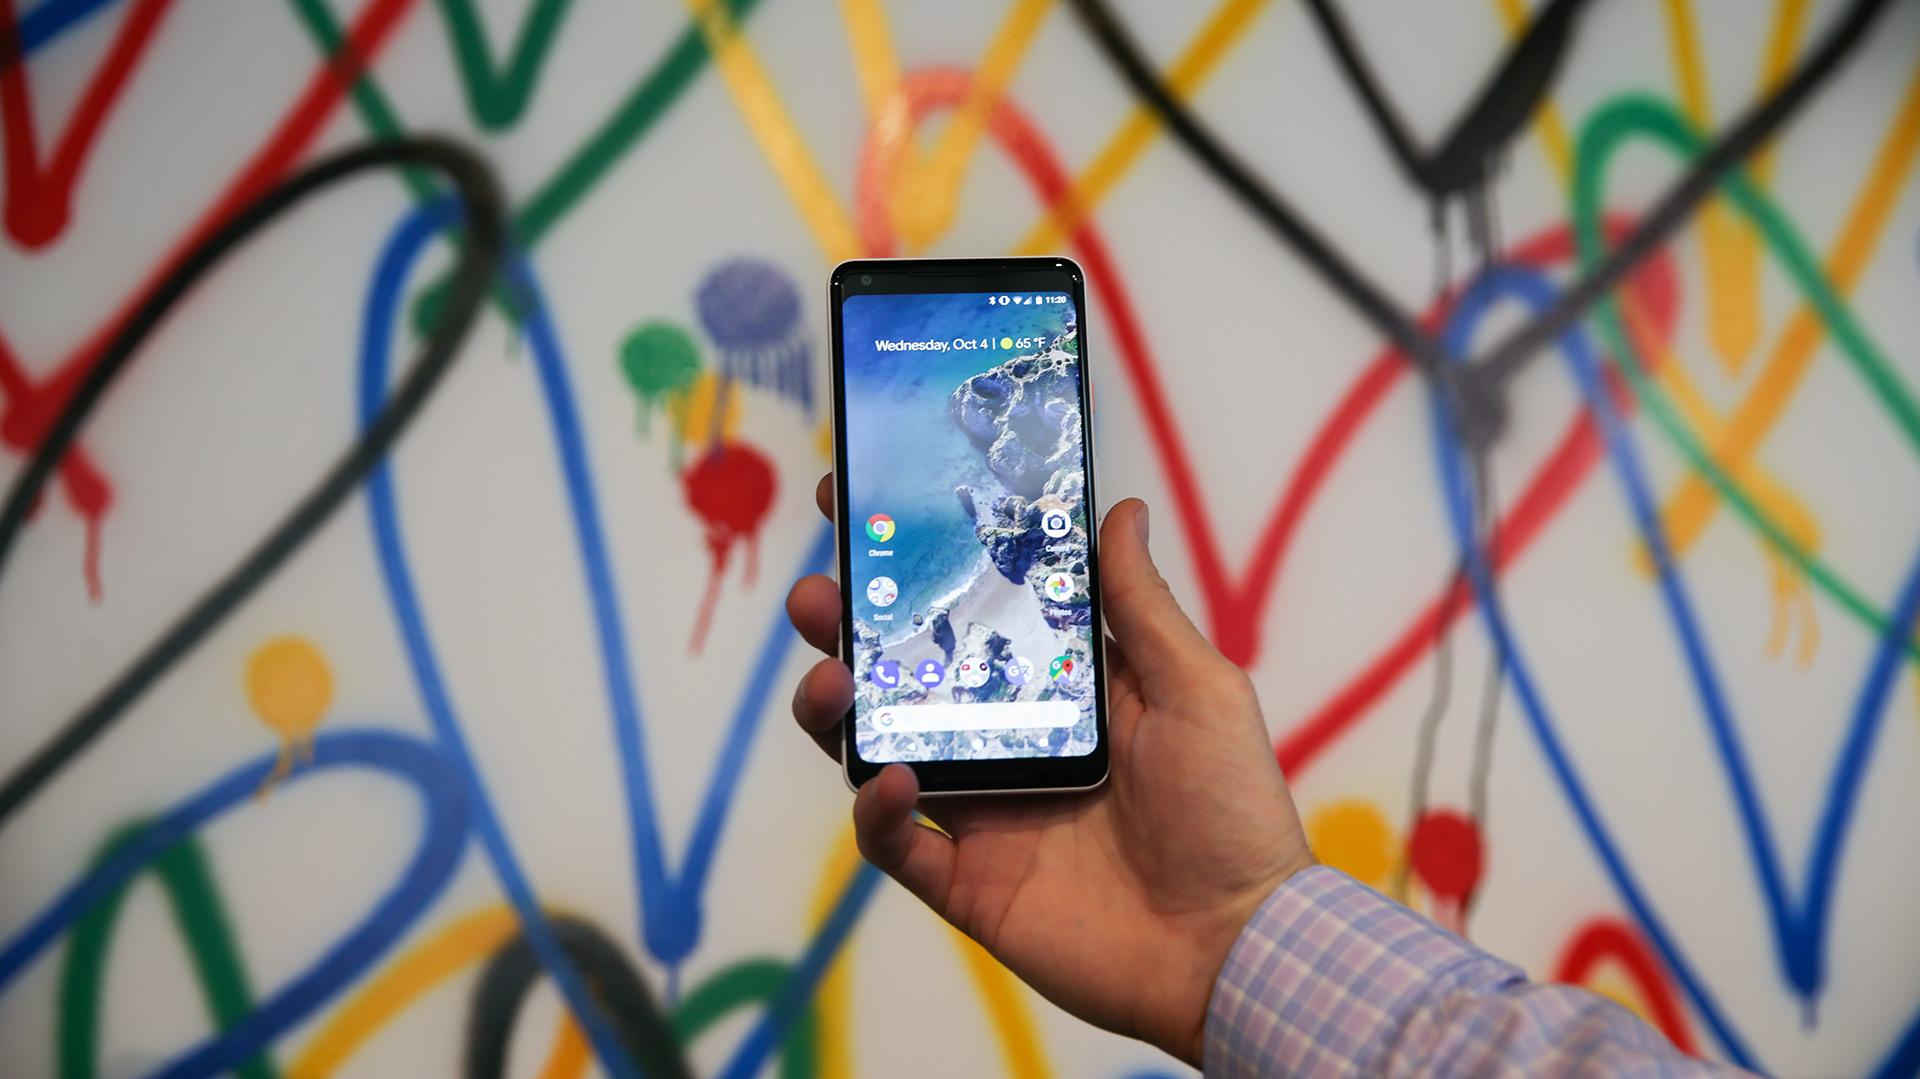 Google presenta su nuevo smarphone Pixel 2 XL en el evento de lanzamiento del producto en San Francisco, California